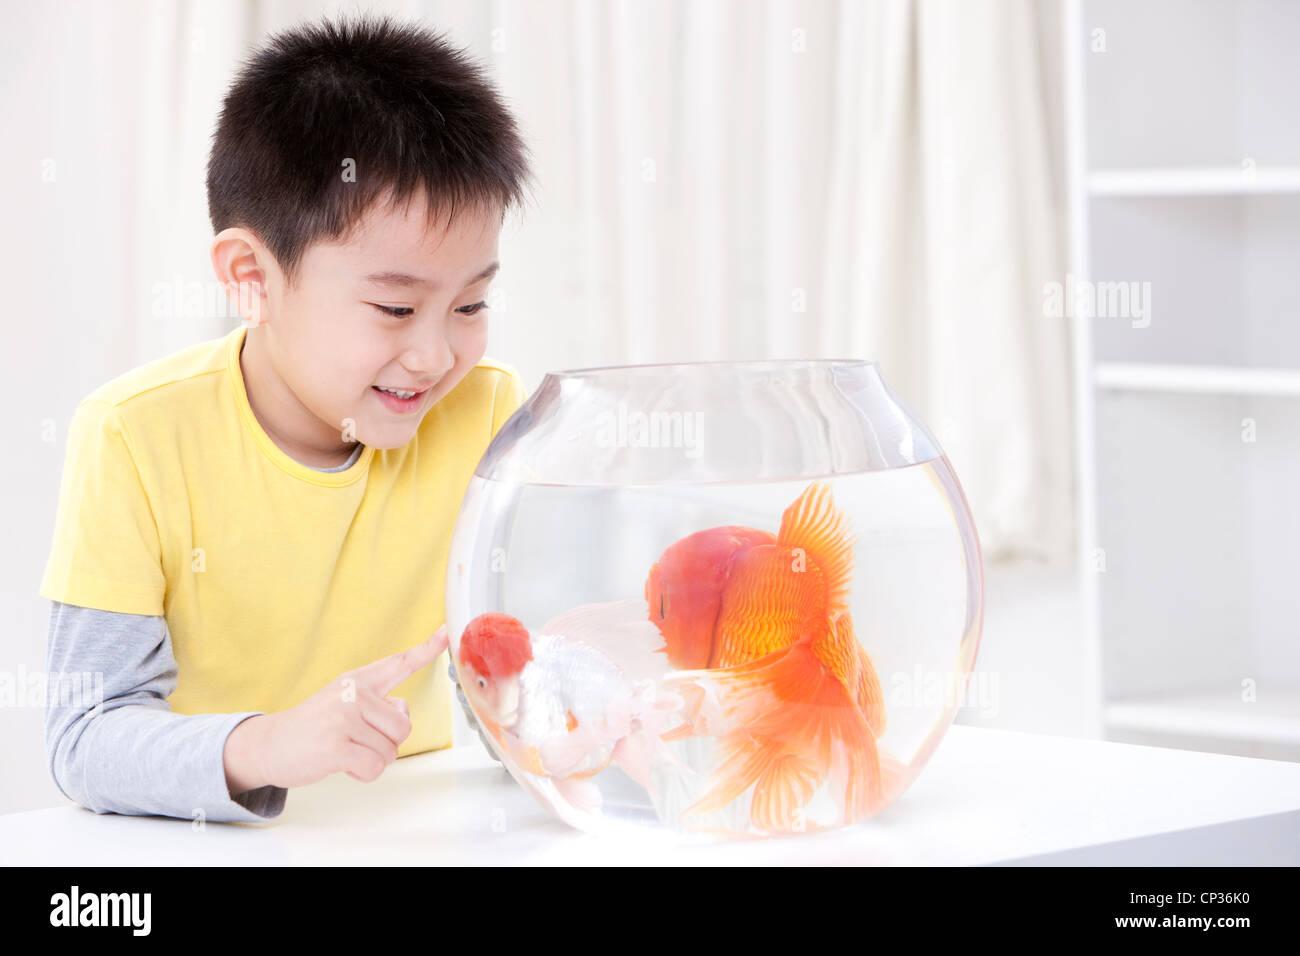 Petit garçon s'amusant avec goldfishes Photo Stock